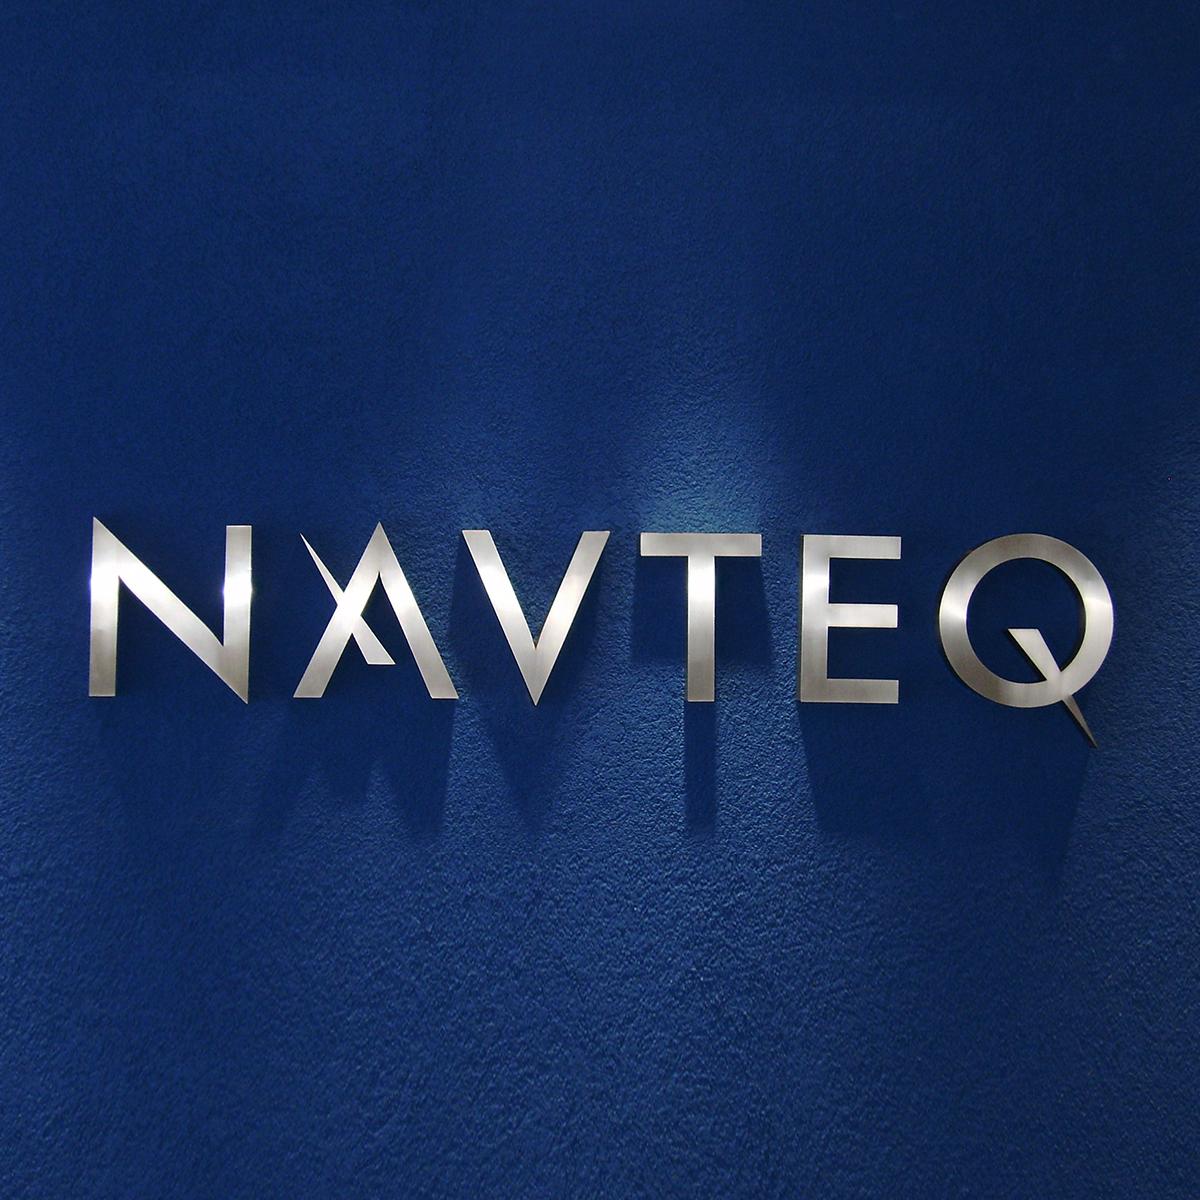 Navteq / Argentina / Ambientación gráfica